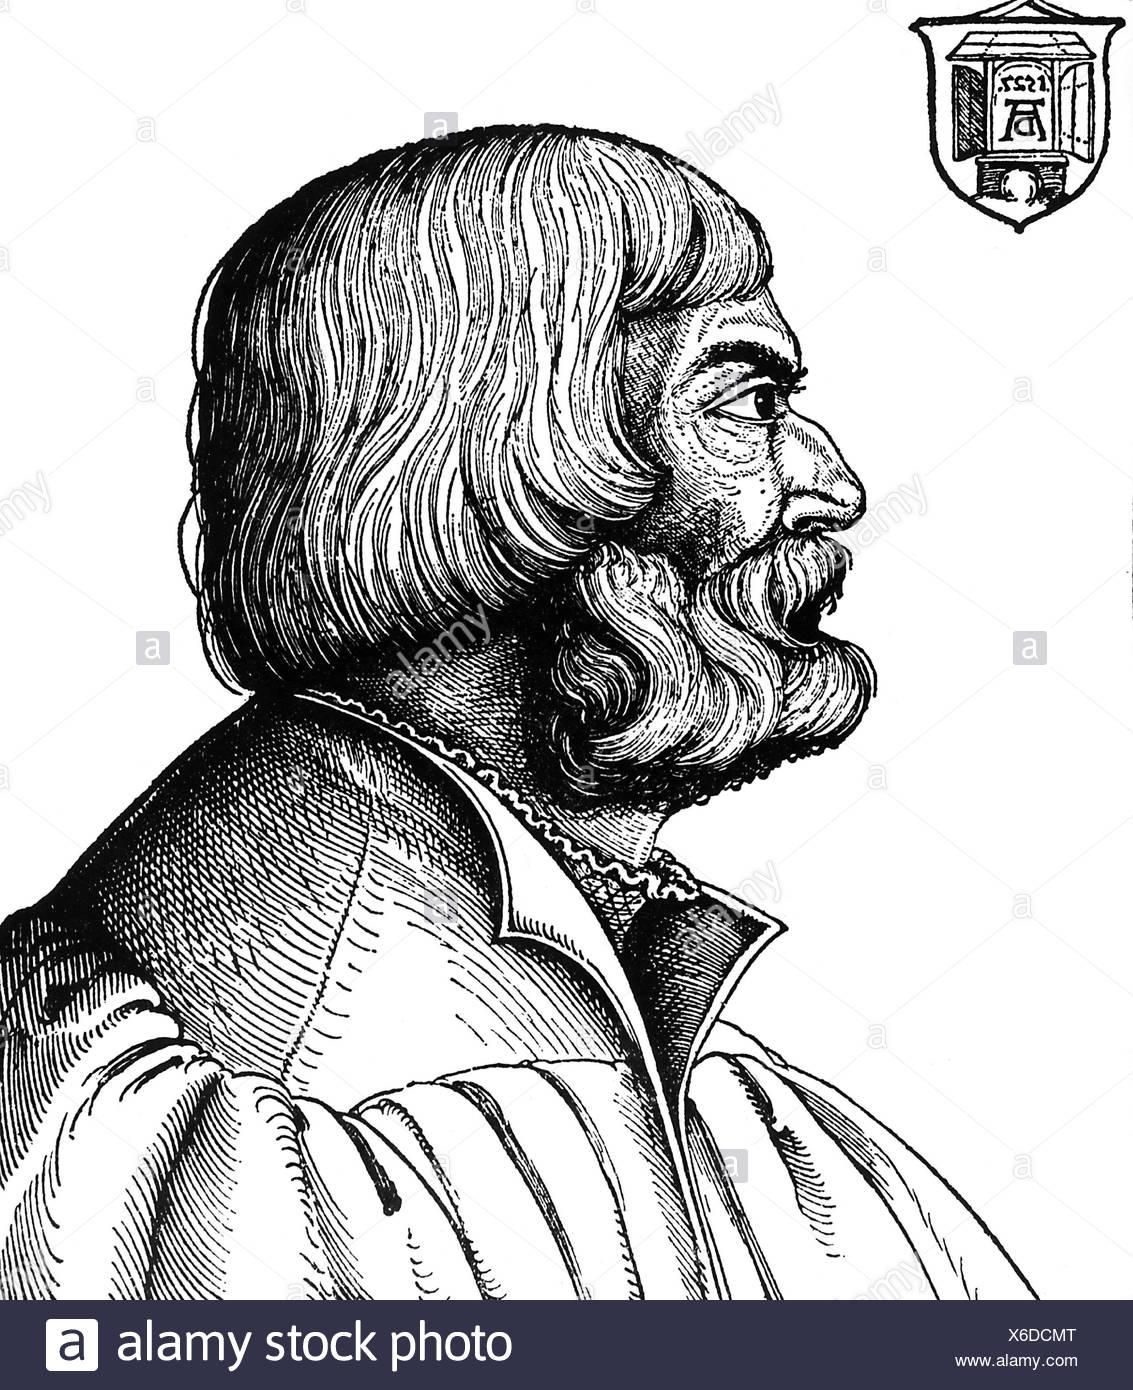 Dürer, Albrecht, 21.5.1471 - 6.4.1528, deutscher Maler, zeitgenössisches Porträt, 56, Holzschnitt von Erhard Schön, 1527, Artist's Urheberrecht nicht gelöscht werden Stockbild